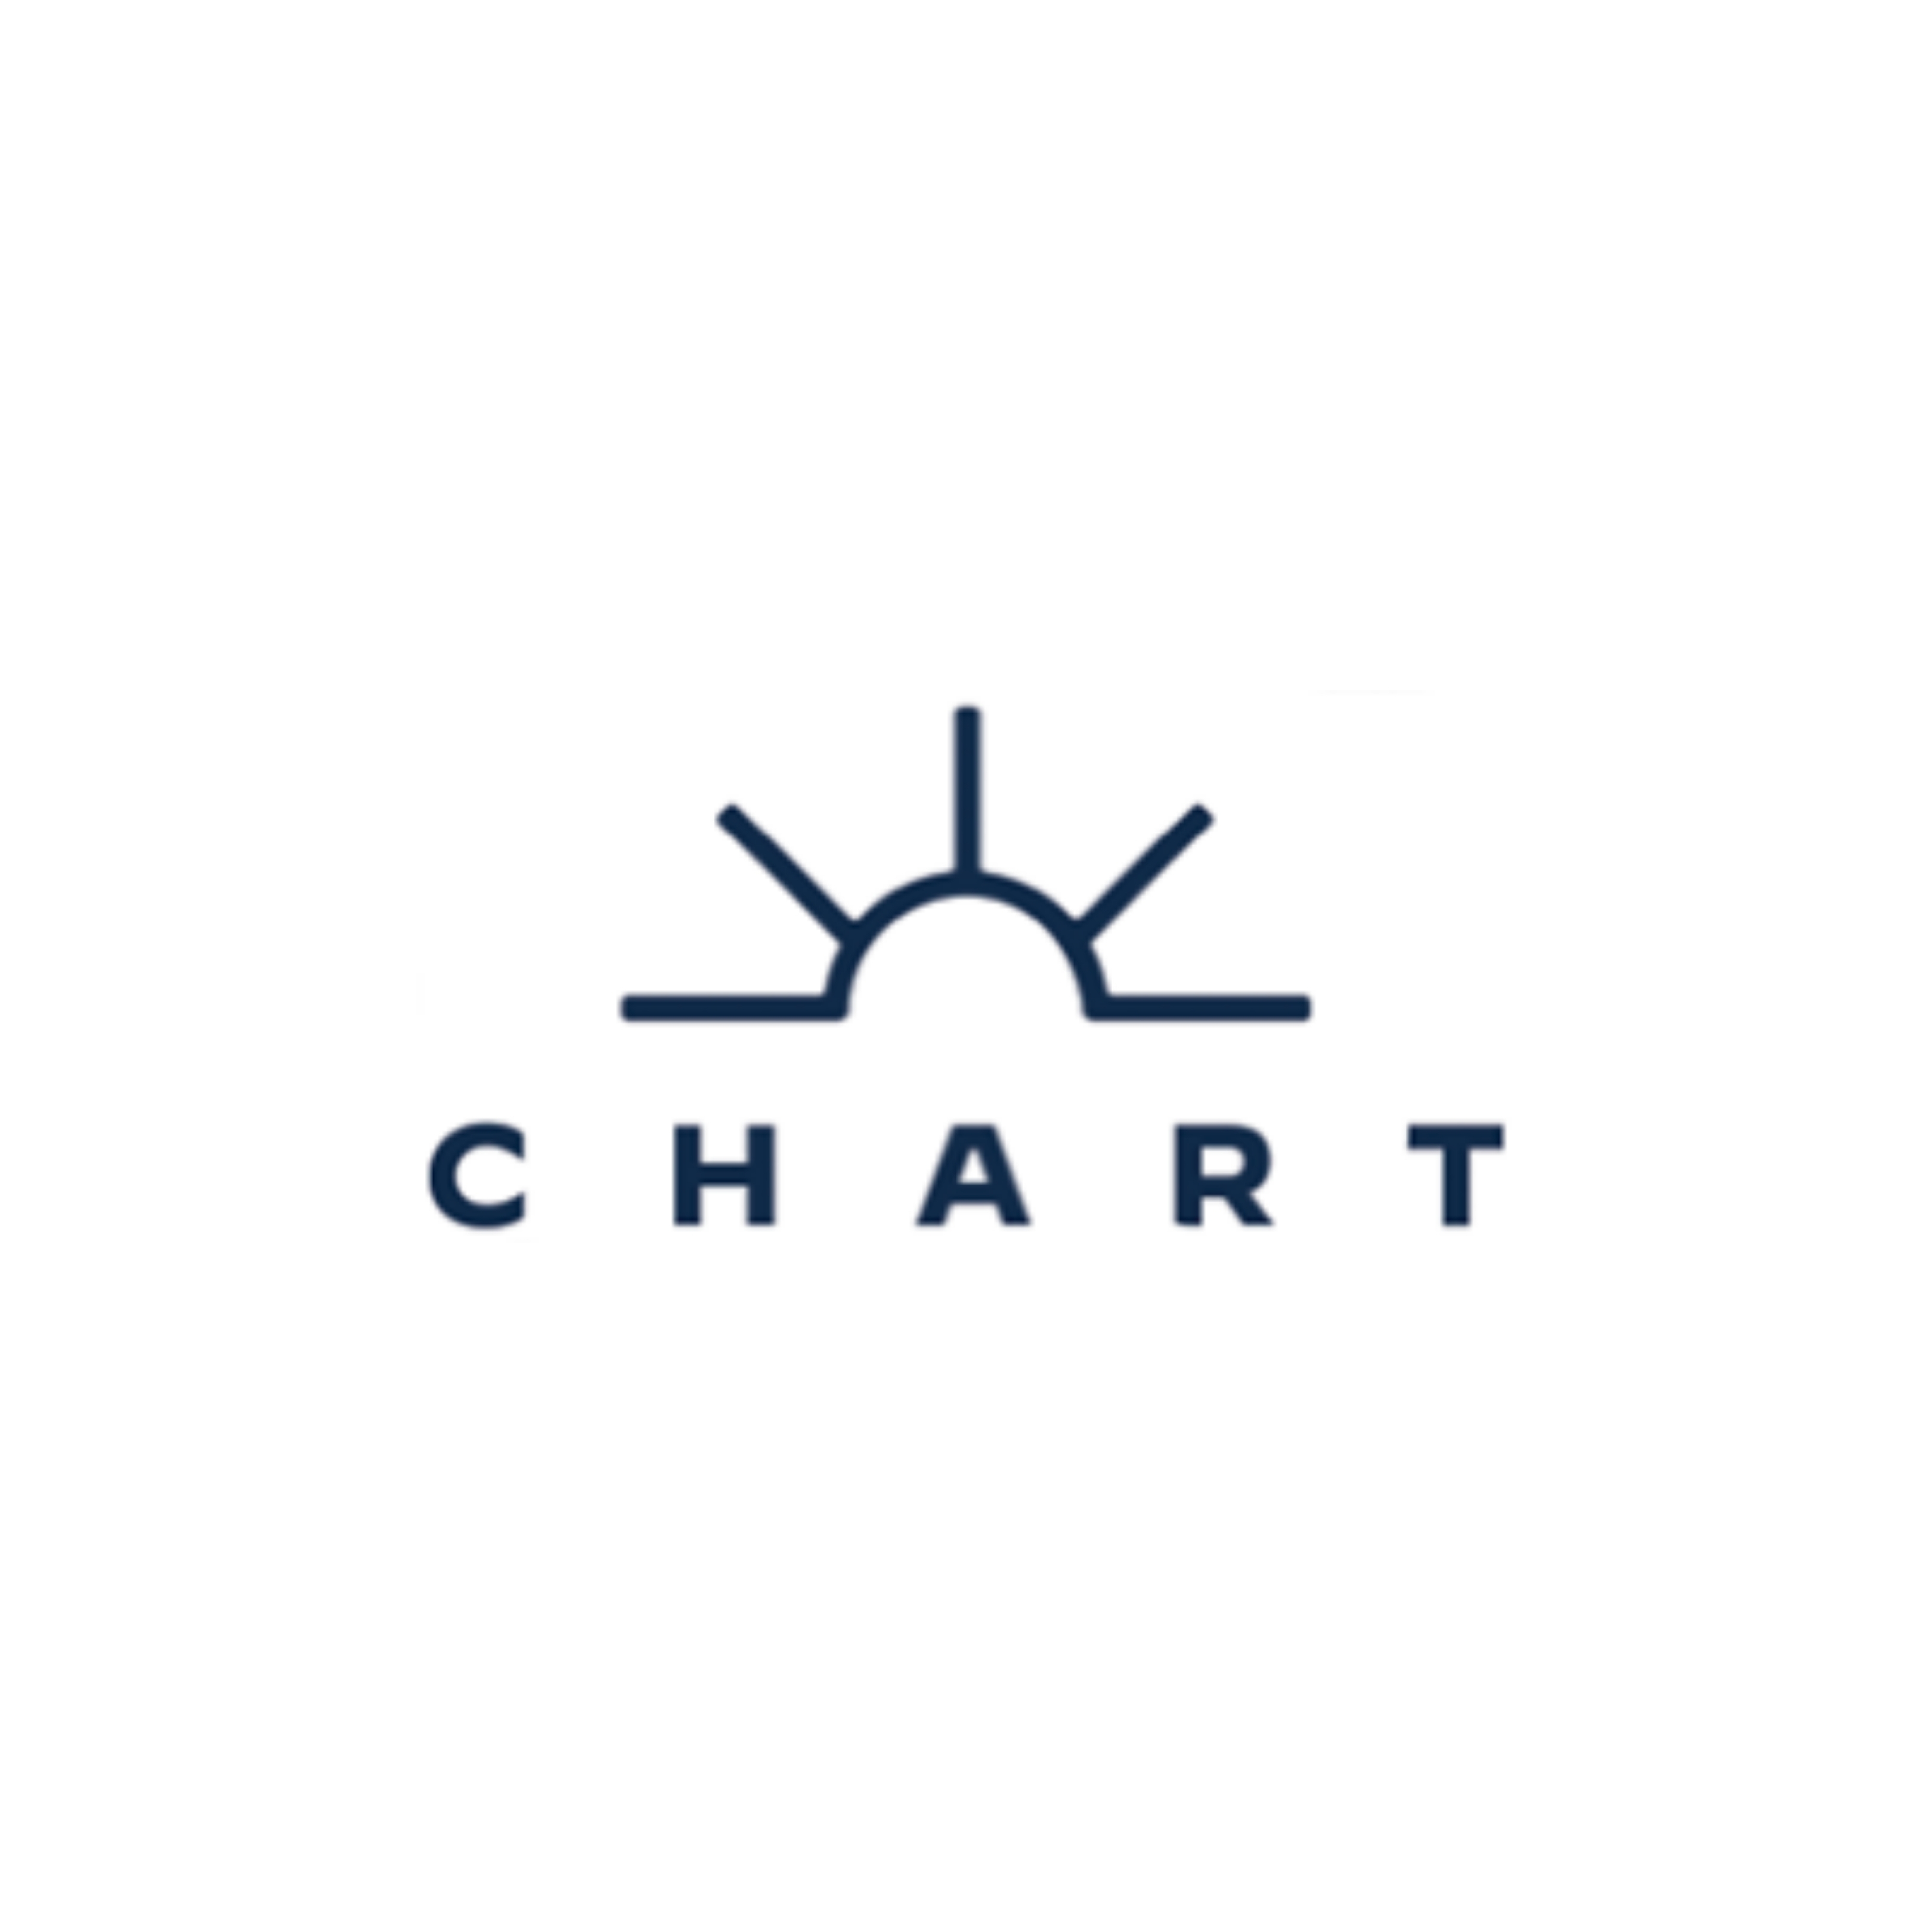 Chart Metalworks